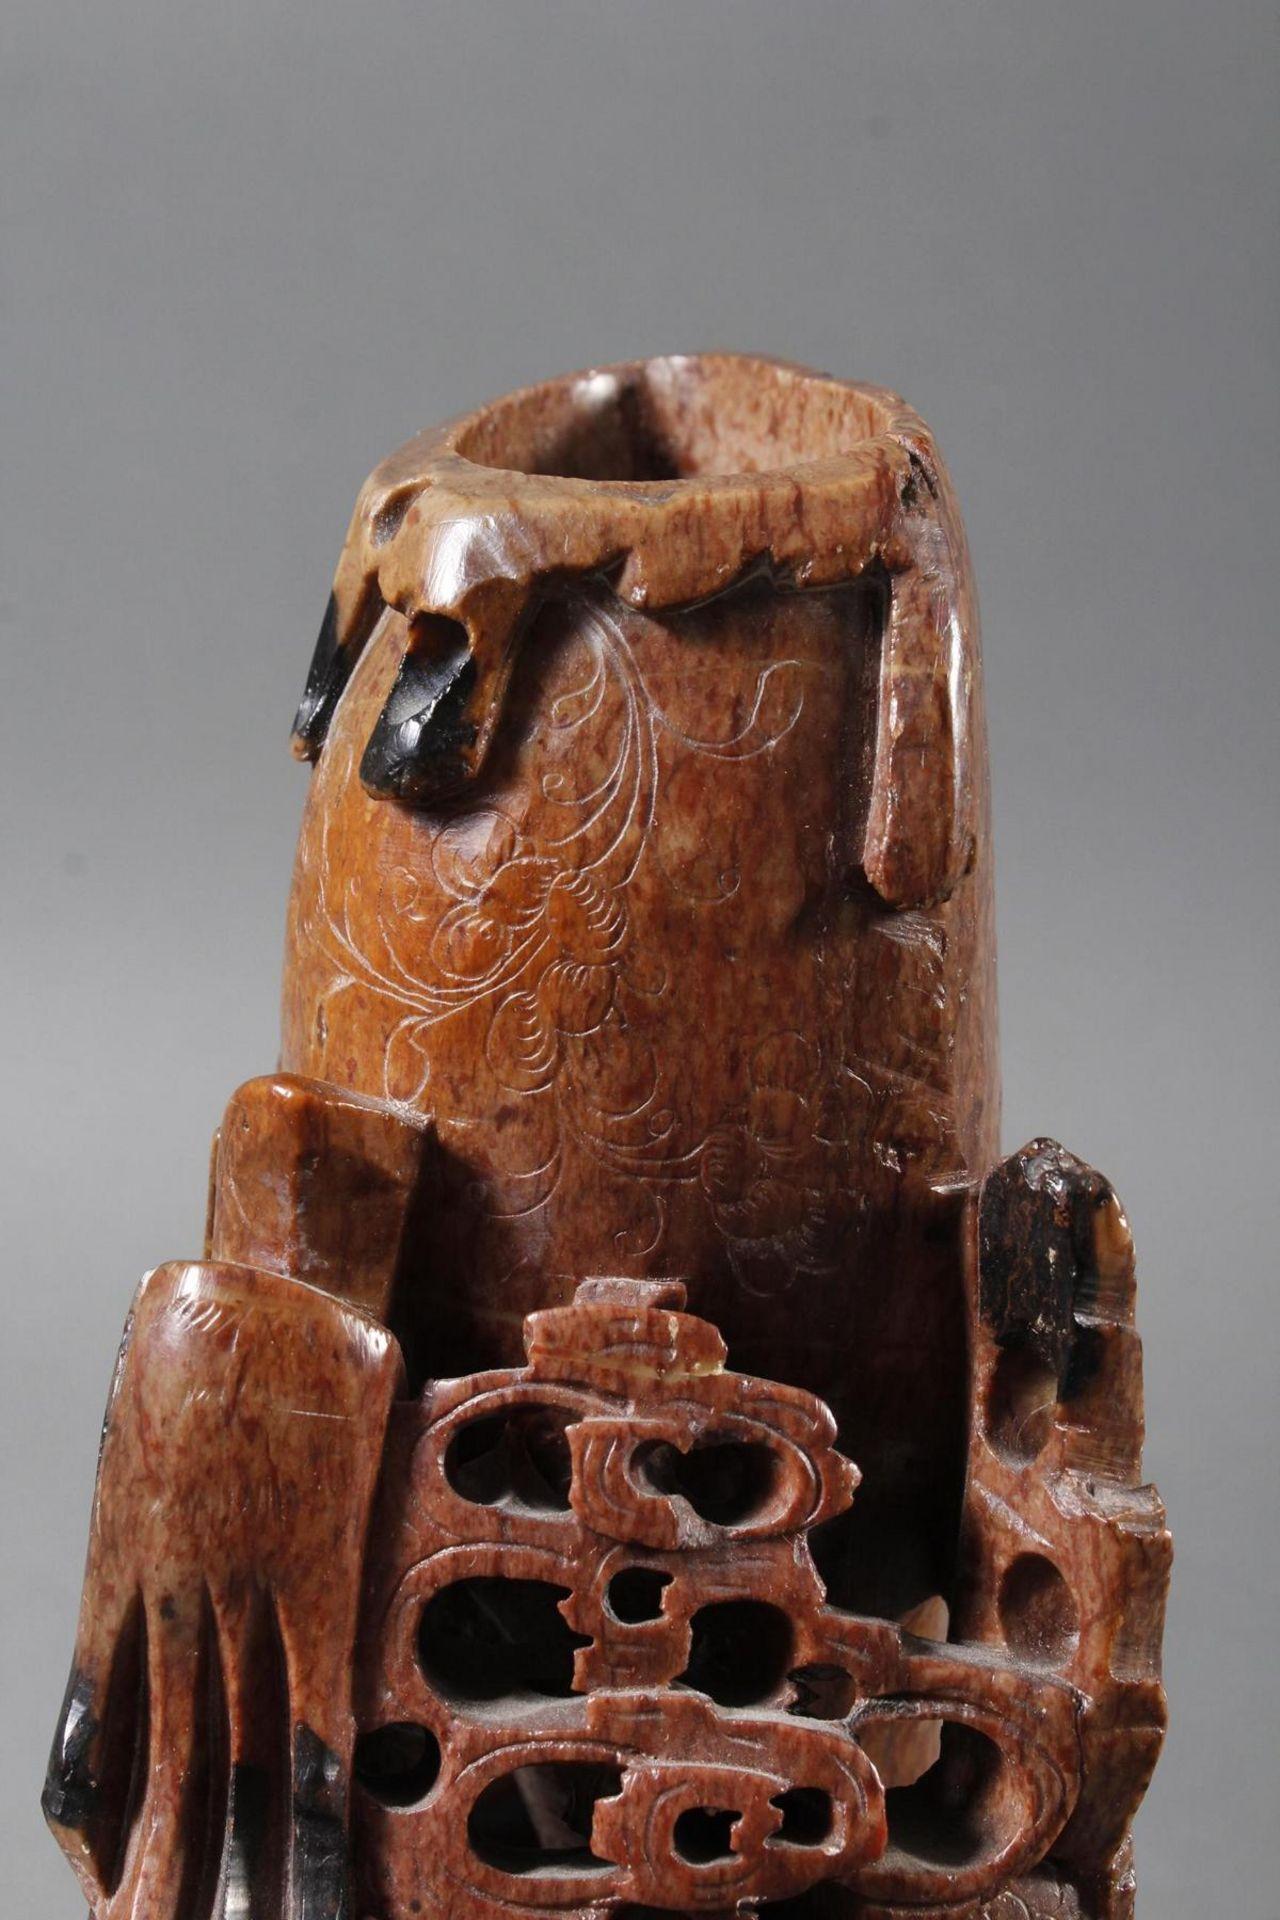 Tuschepinselwascher aus Steatit mit Zwei Becken, China Anfang 20 Jahrhundert - Bild 13 aus 16